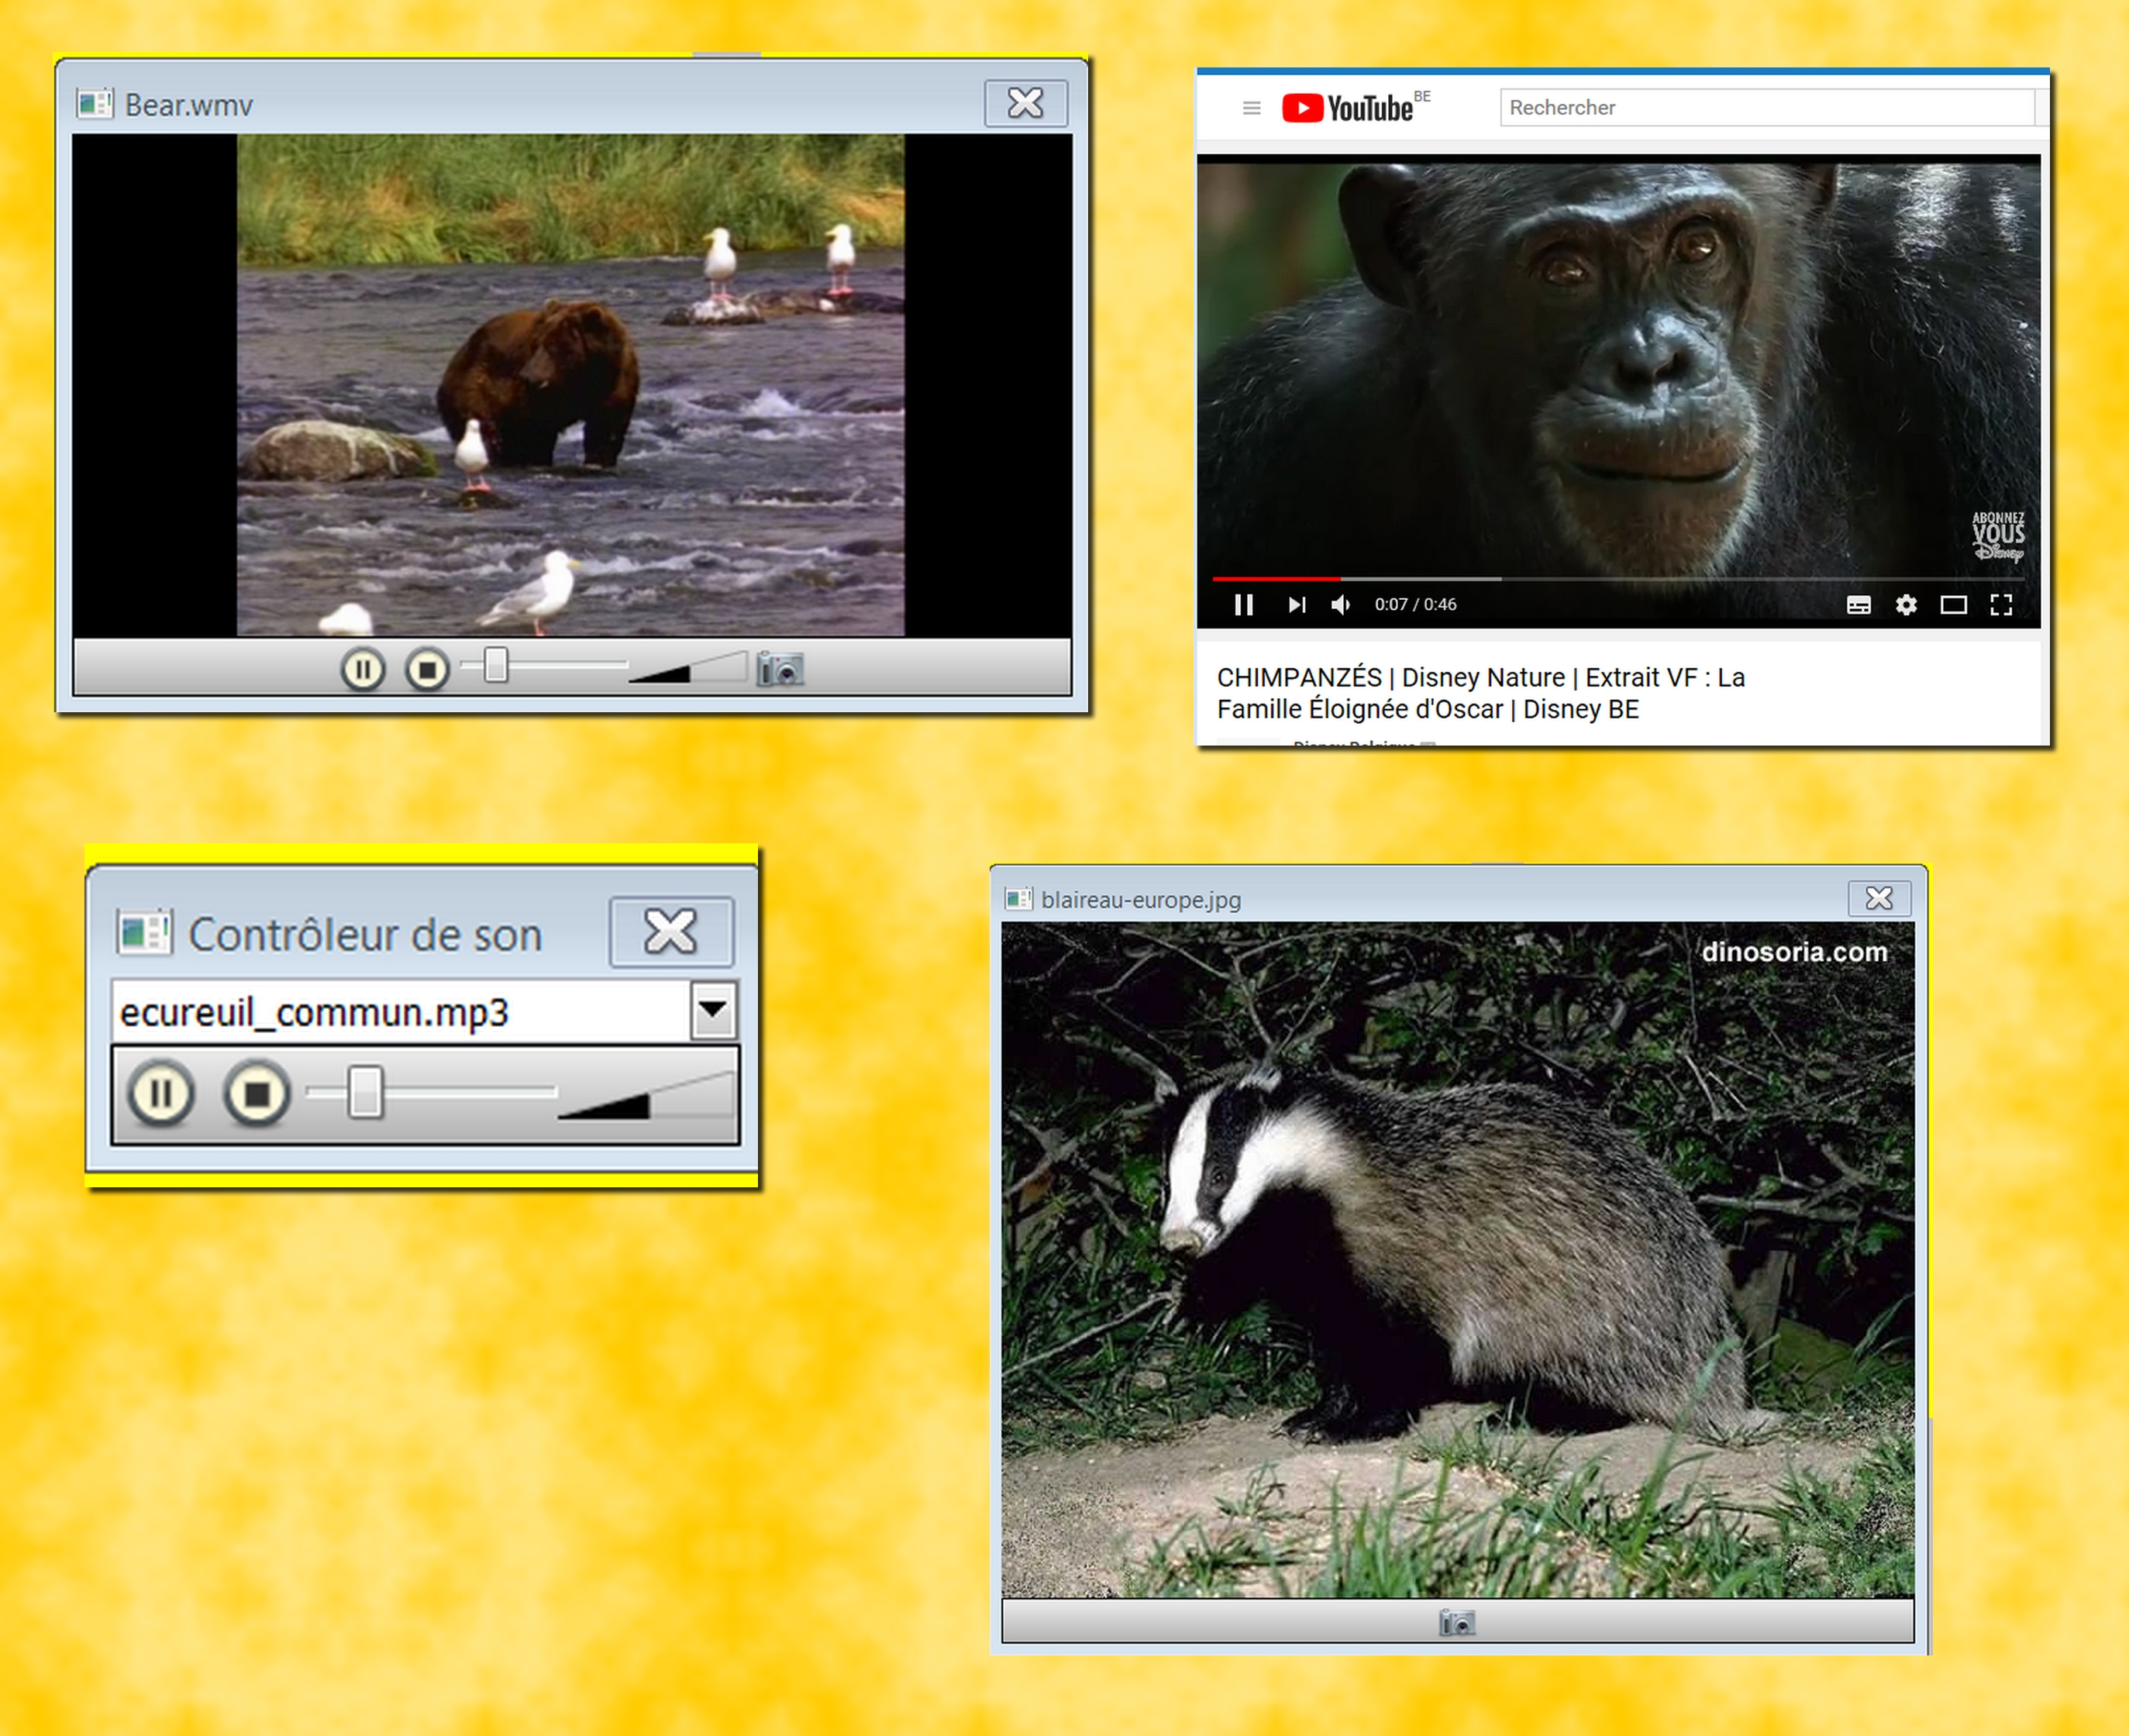 ovipare vivipare 2 presentation